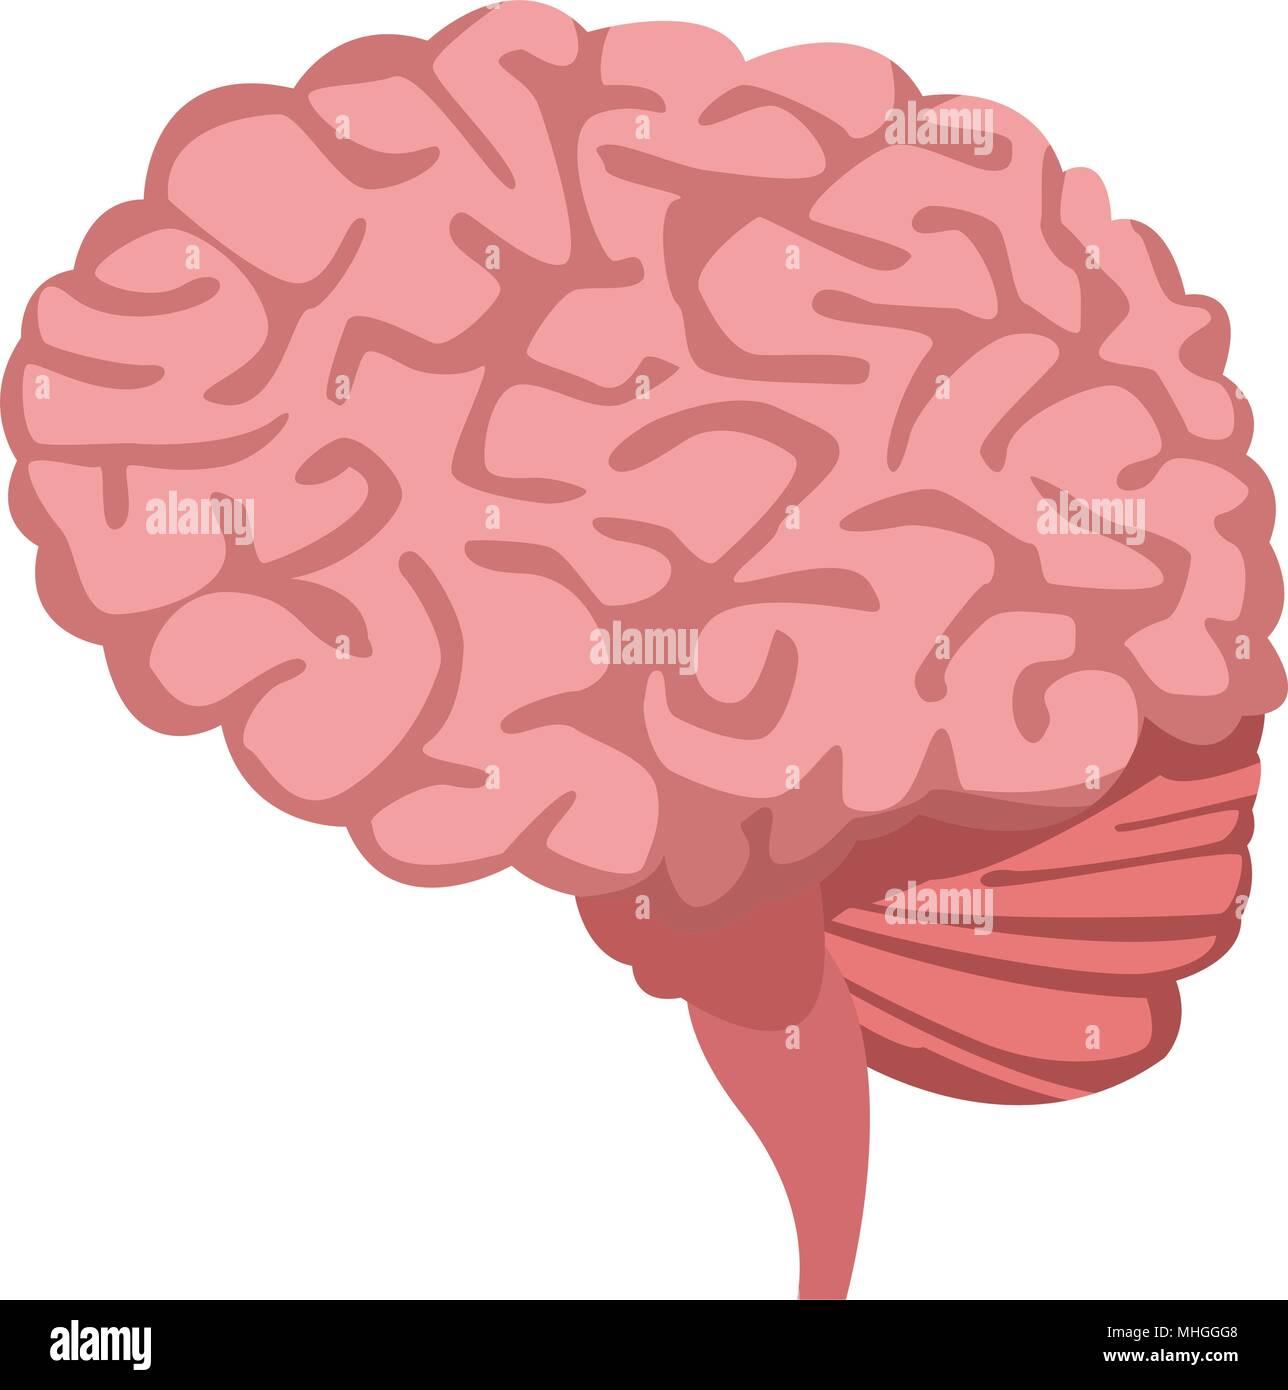 Cerebro Humano aislado Imagen De Stock